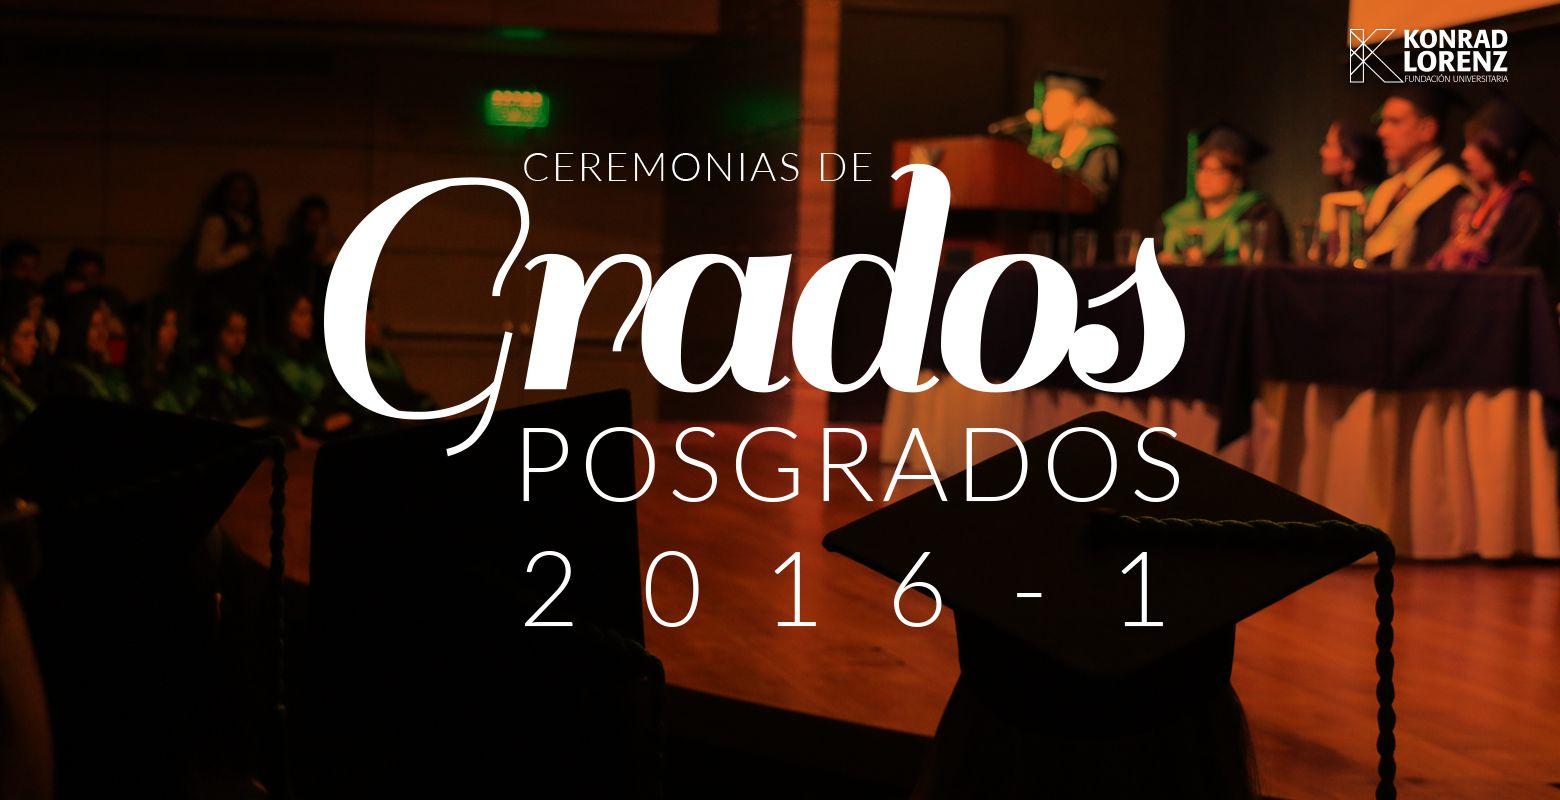 Ceremonia de graduación de posgrados, promoción 2016 - I